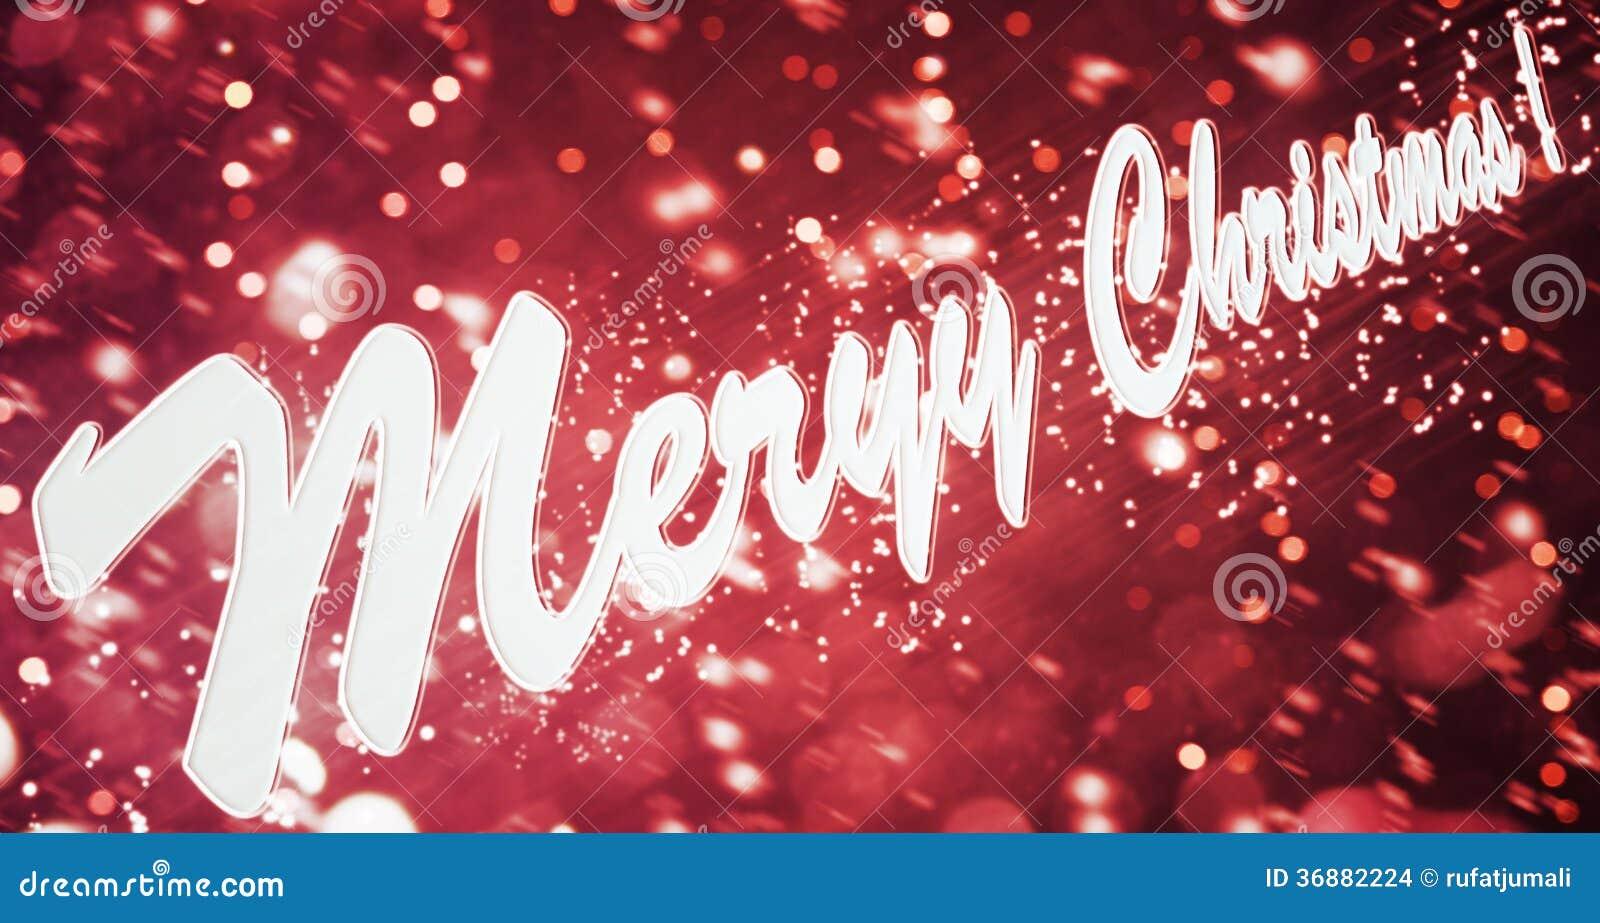 Wunsch Jeder Guten Rutsch Ins Neue Jahr Und Frohe Weihnachten Stock ...